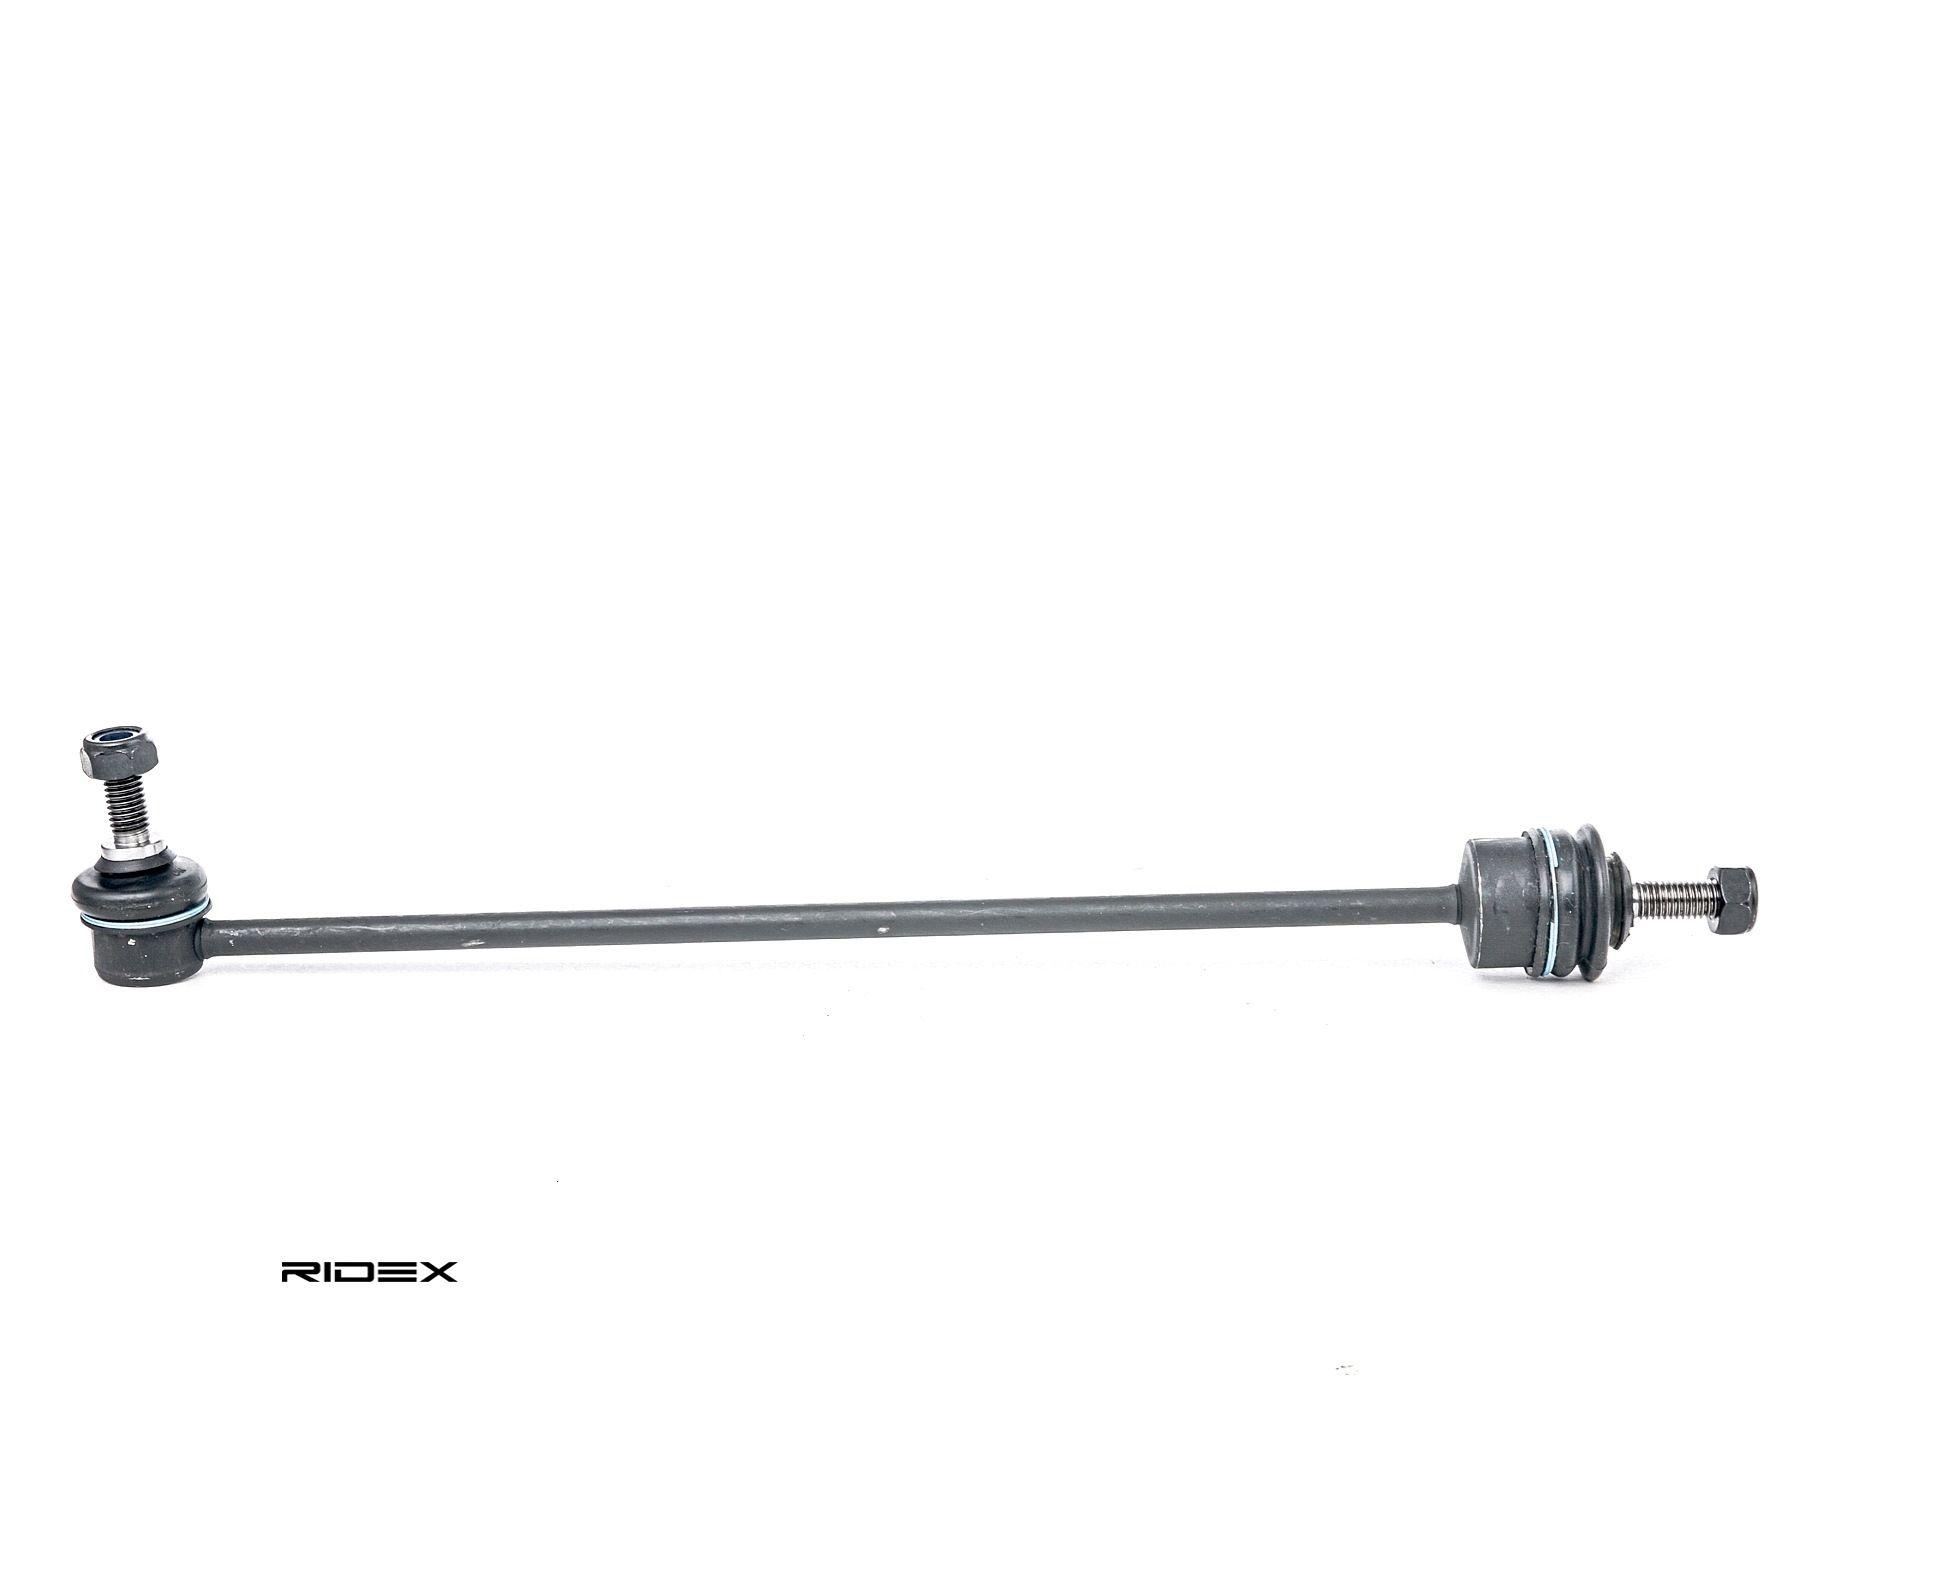 RIDEX: Original Stabistrebe 3229S0033 (Länge: 364mm)